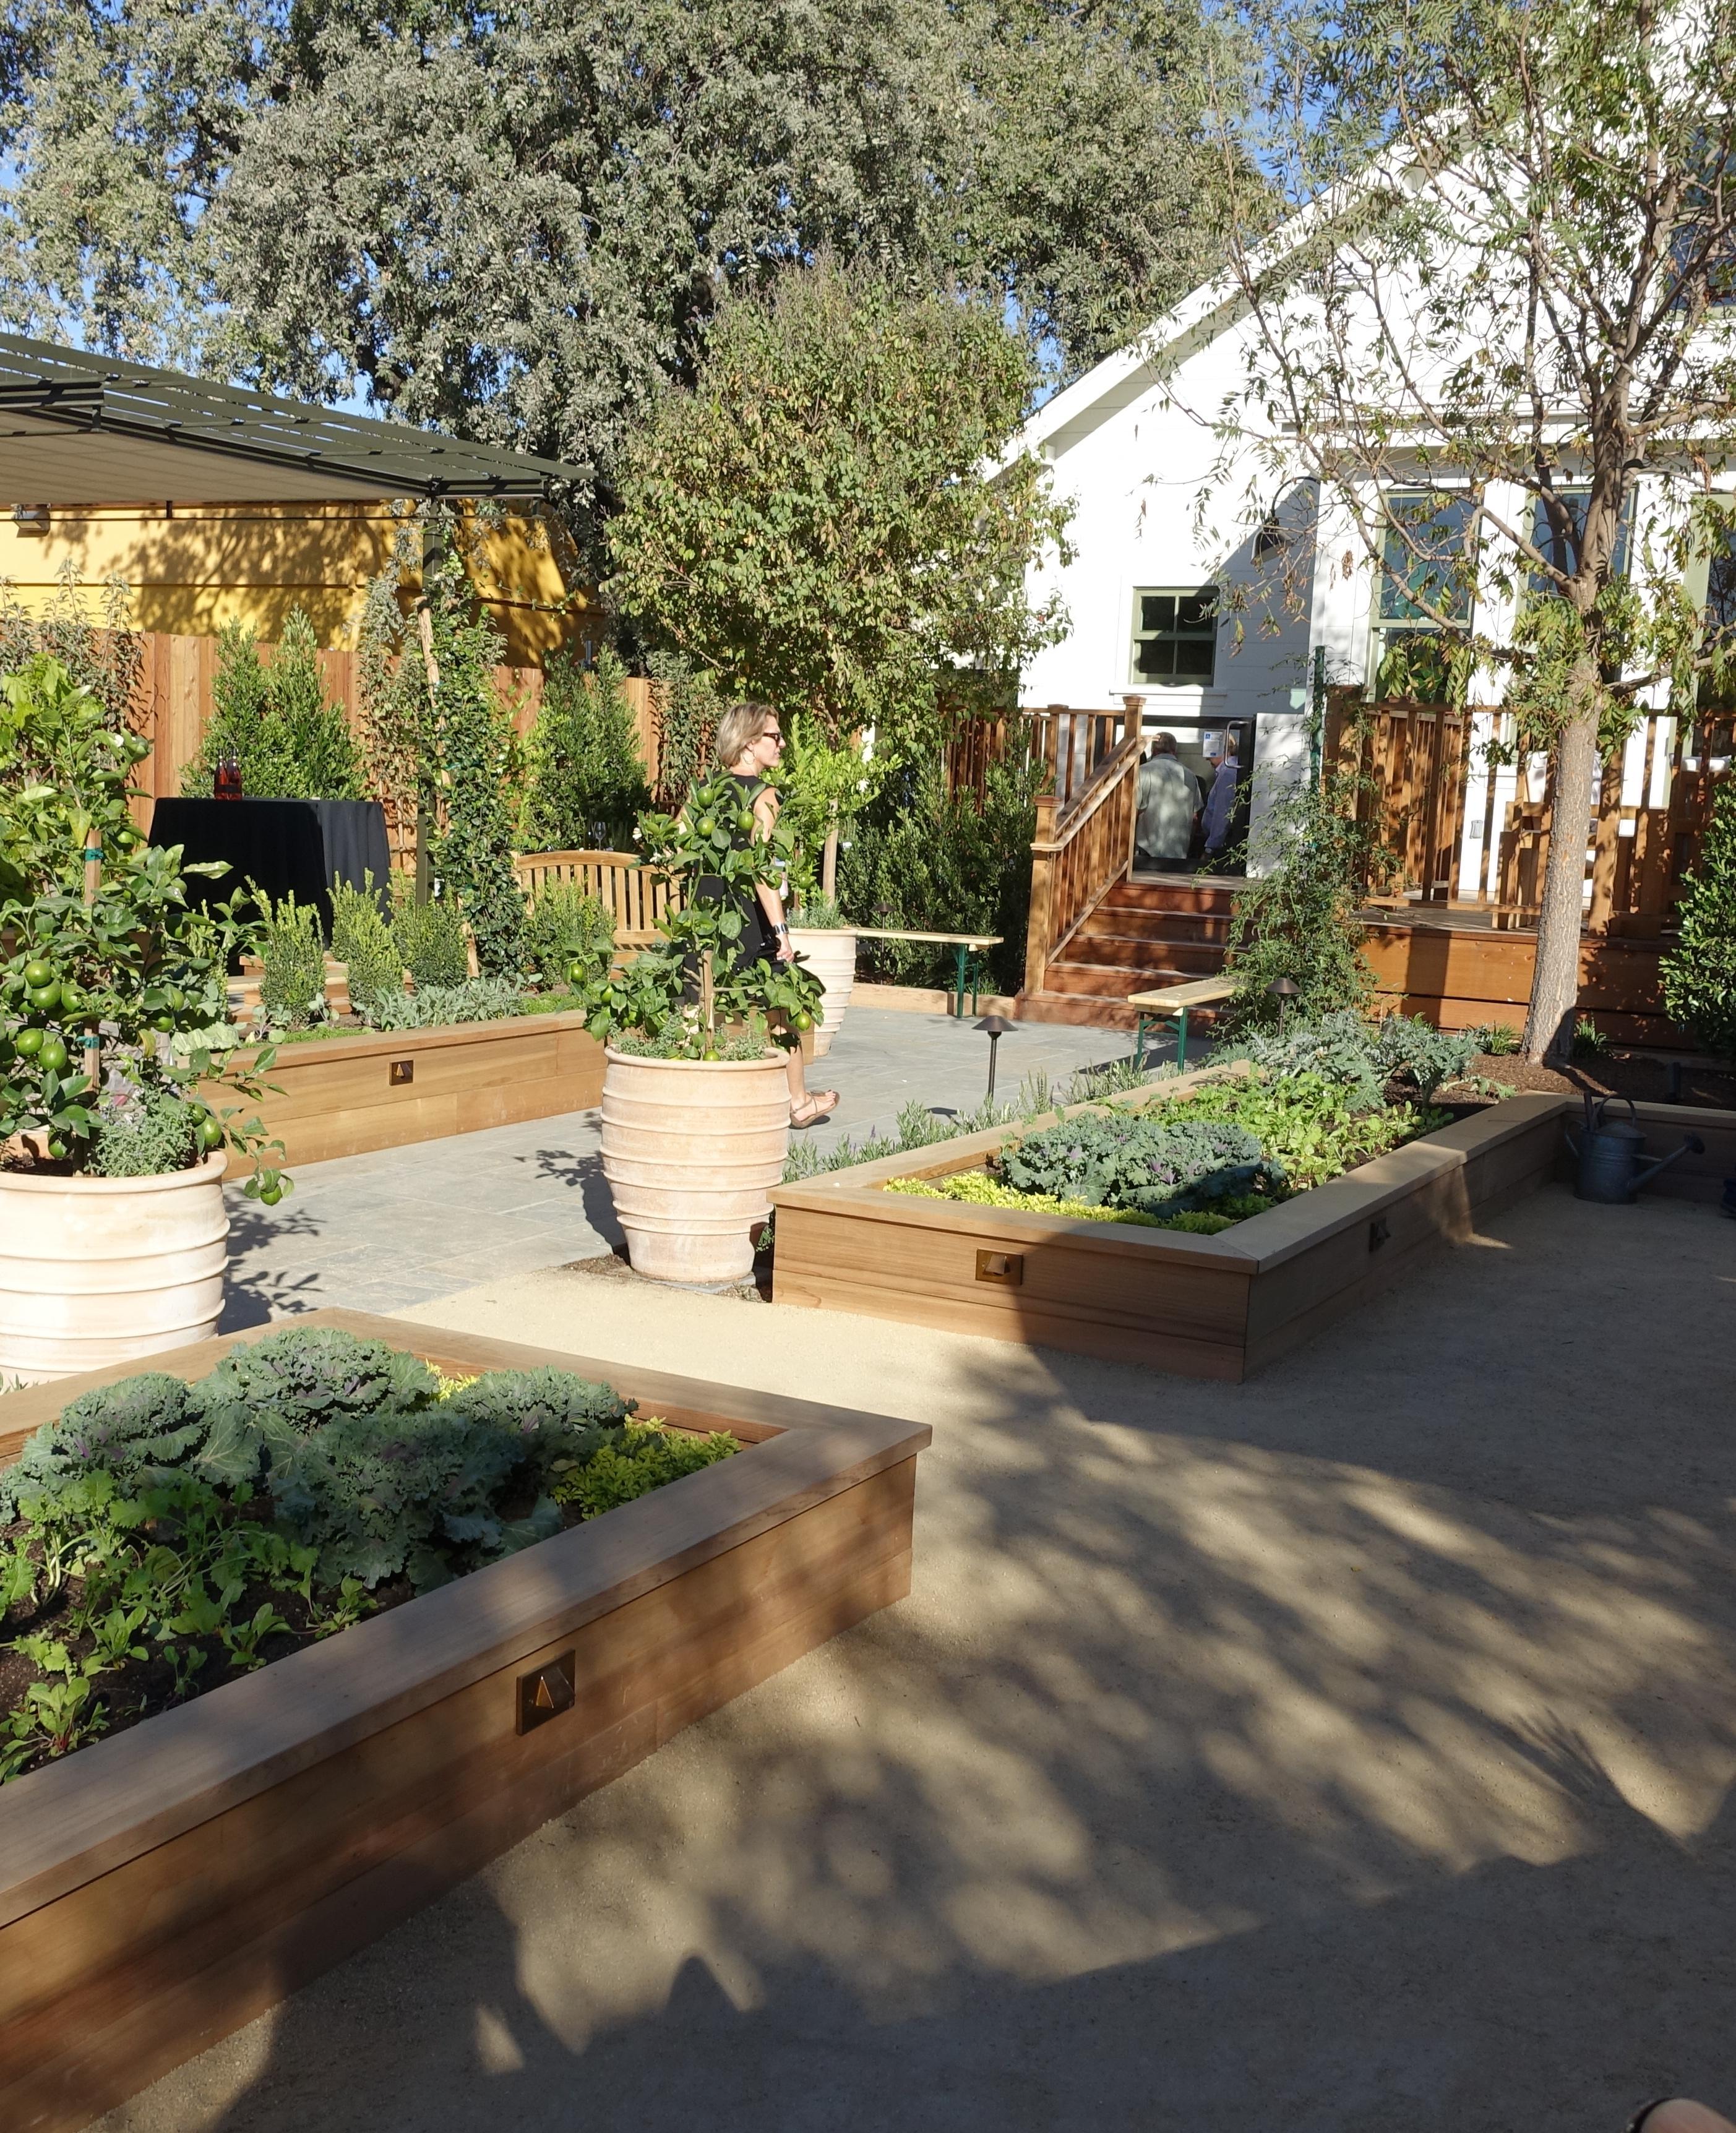 Sonoma landscape design page 2 regina rollin on for Sonoma garden designs